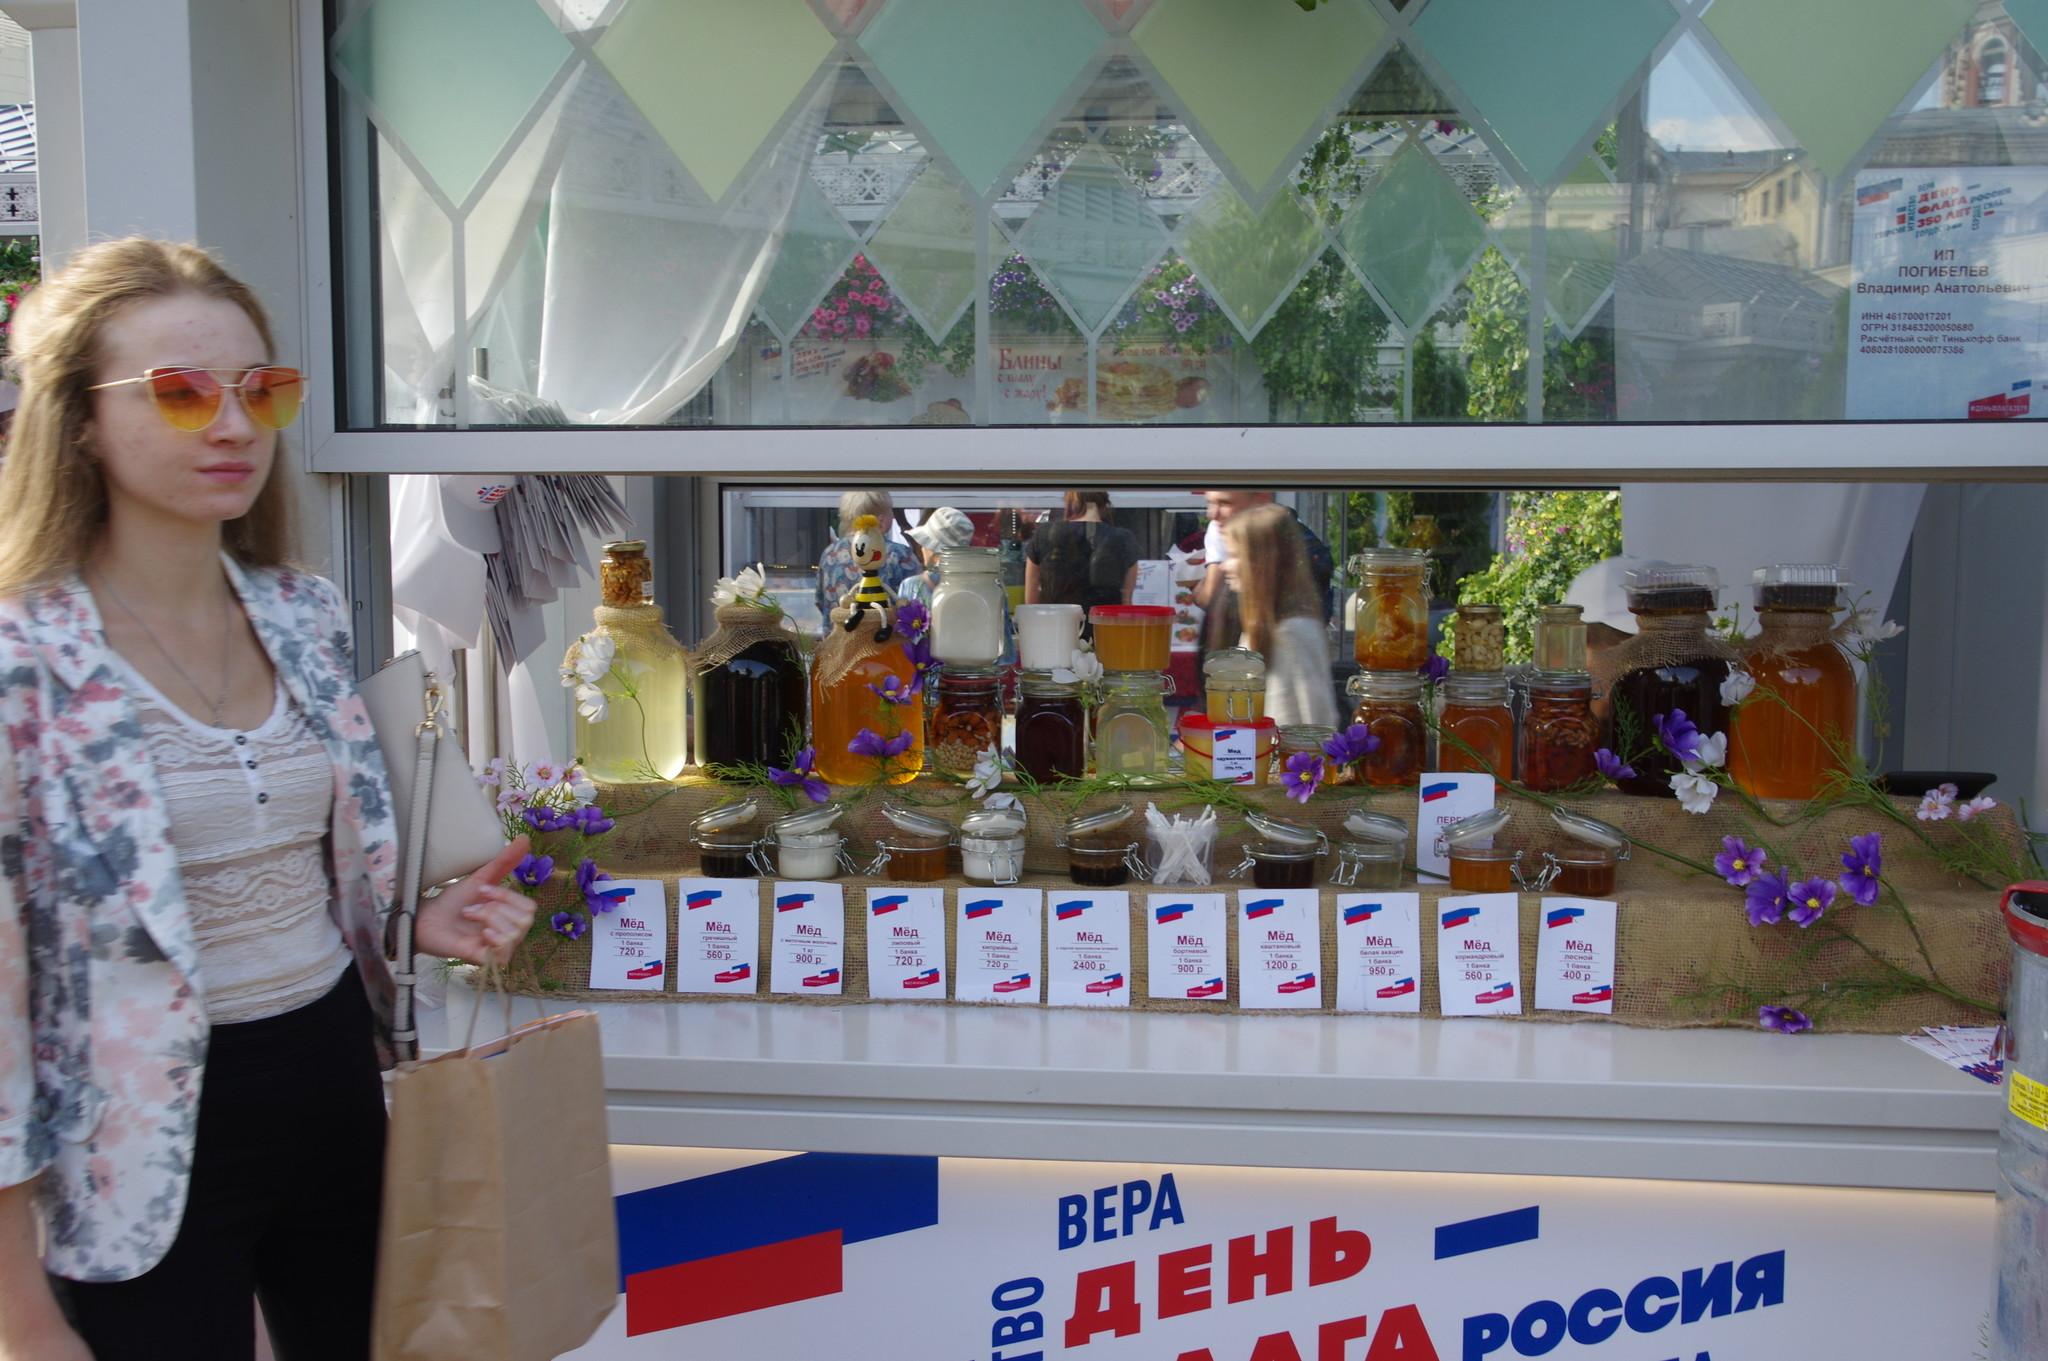 Продажа мёда и прочей продукции пчеловодства